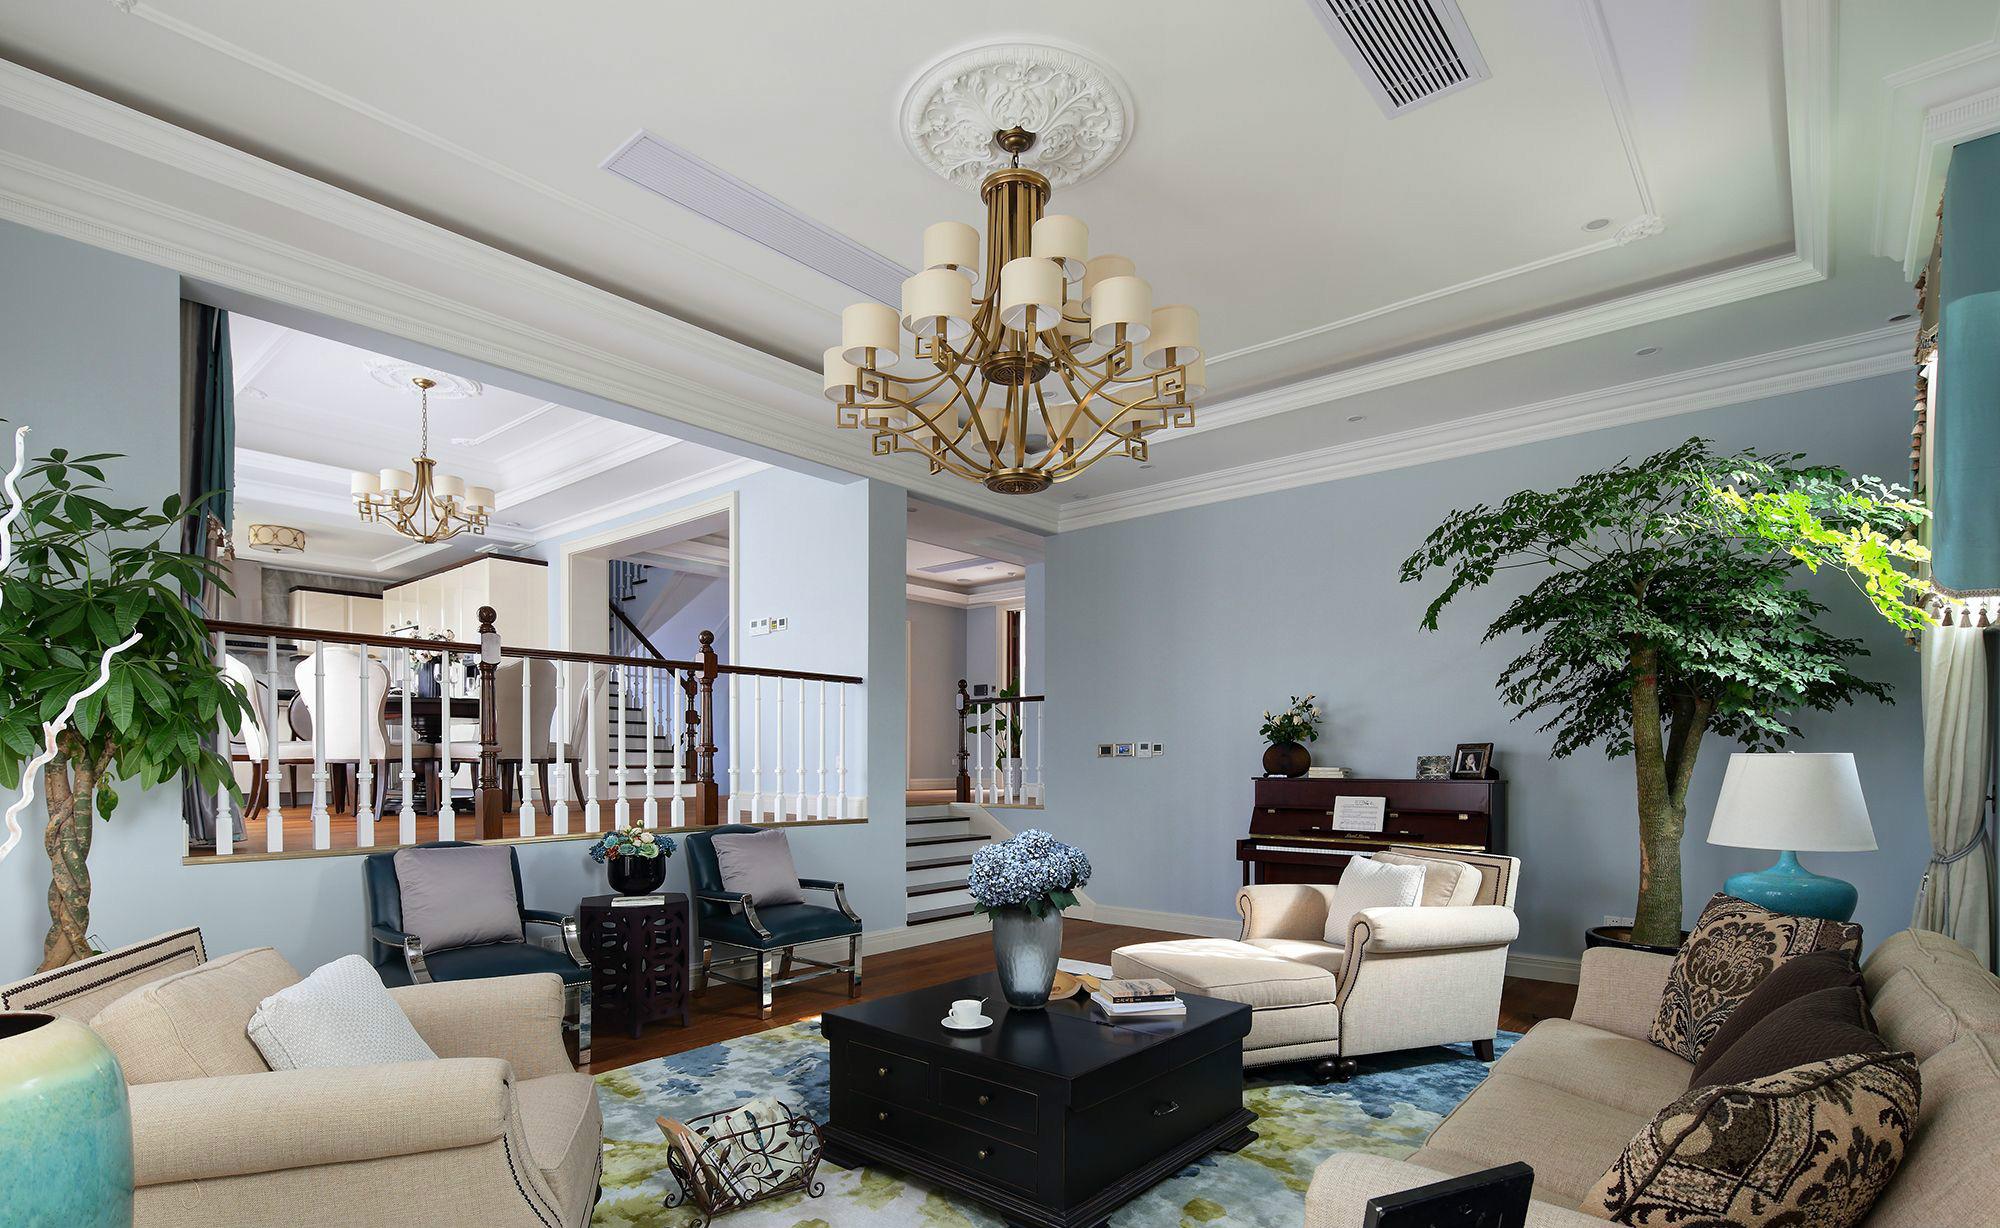 美式家居的书房简单实用,但软装颇为丰富,各种象征主人过去生活经历的陈设一应俱全,被翻卷边的古旧书籍、颜色发黄的航海地图、乡村风景的油画、一支鹅毛笔……即使是装饰品,这些东西也足以为书房的美式风格加分。家庭室:家庭室作为家庭成员休息交流的中心,属私密性很强的空间,一般设于餐厅旁,并有电视机,同时沙发和座椅选择轻松明快的式样,室内绿化也较为丰富,装饰画较多。